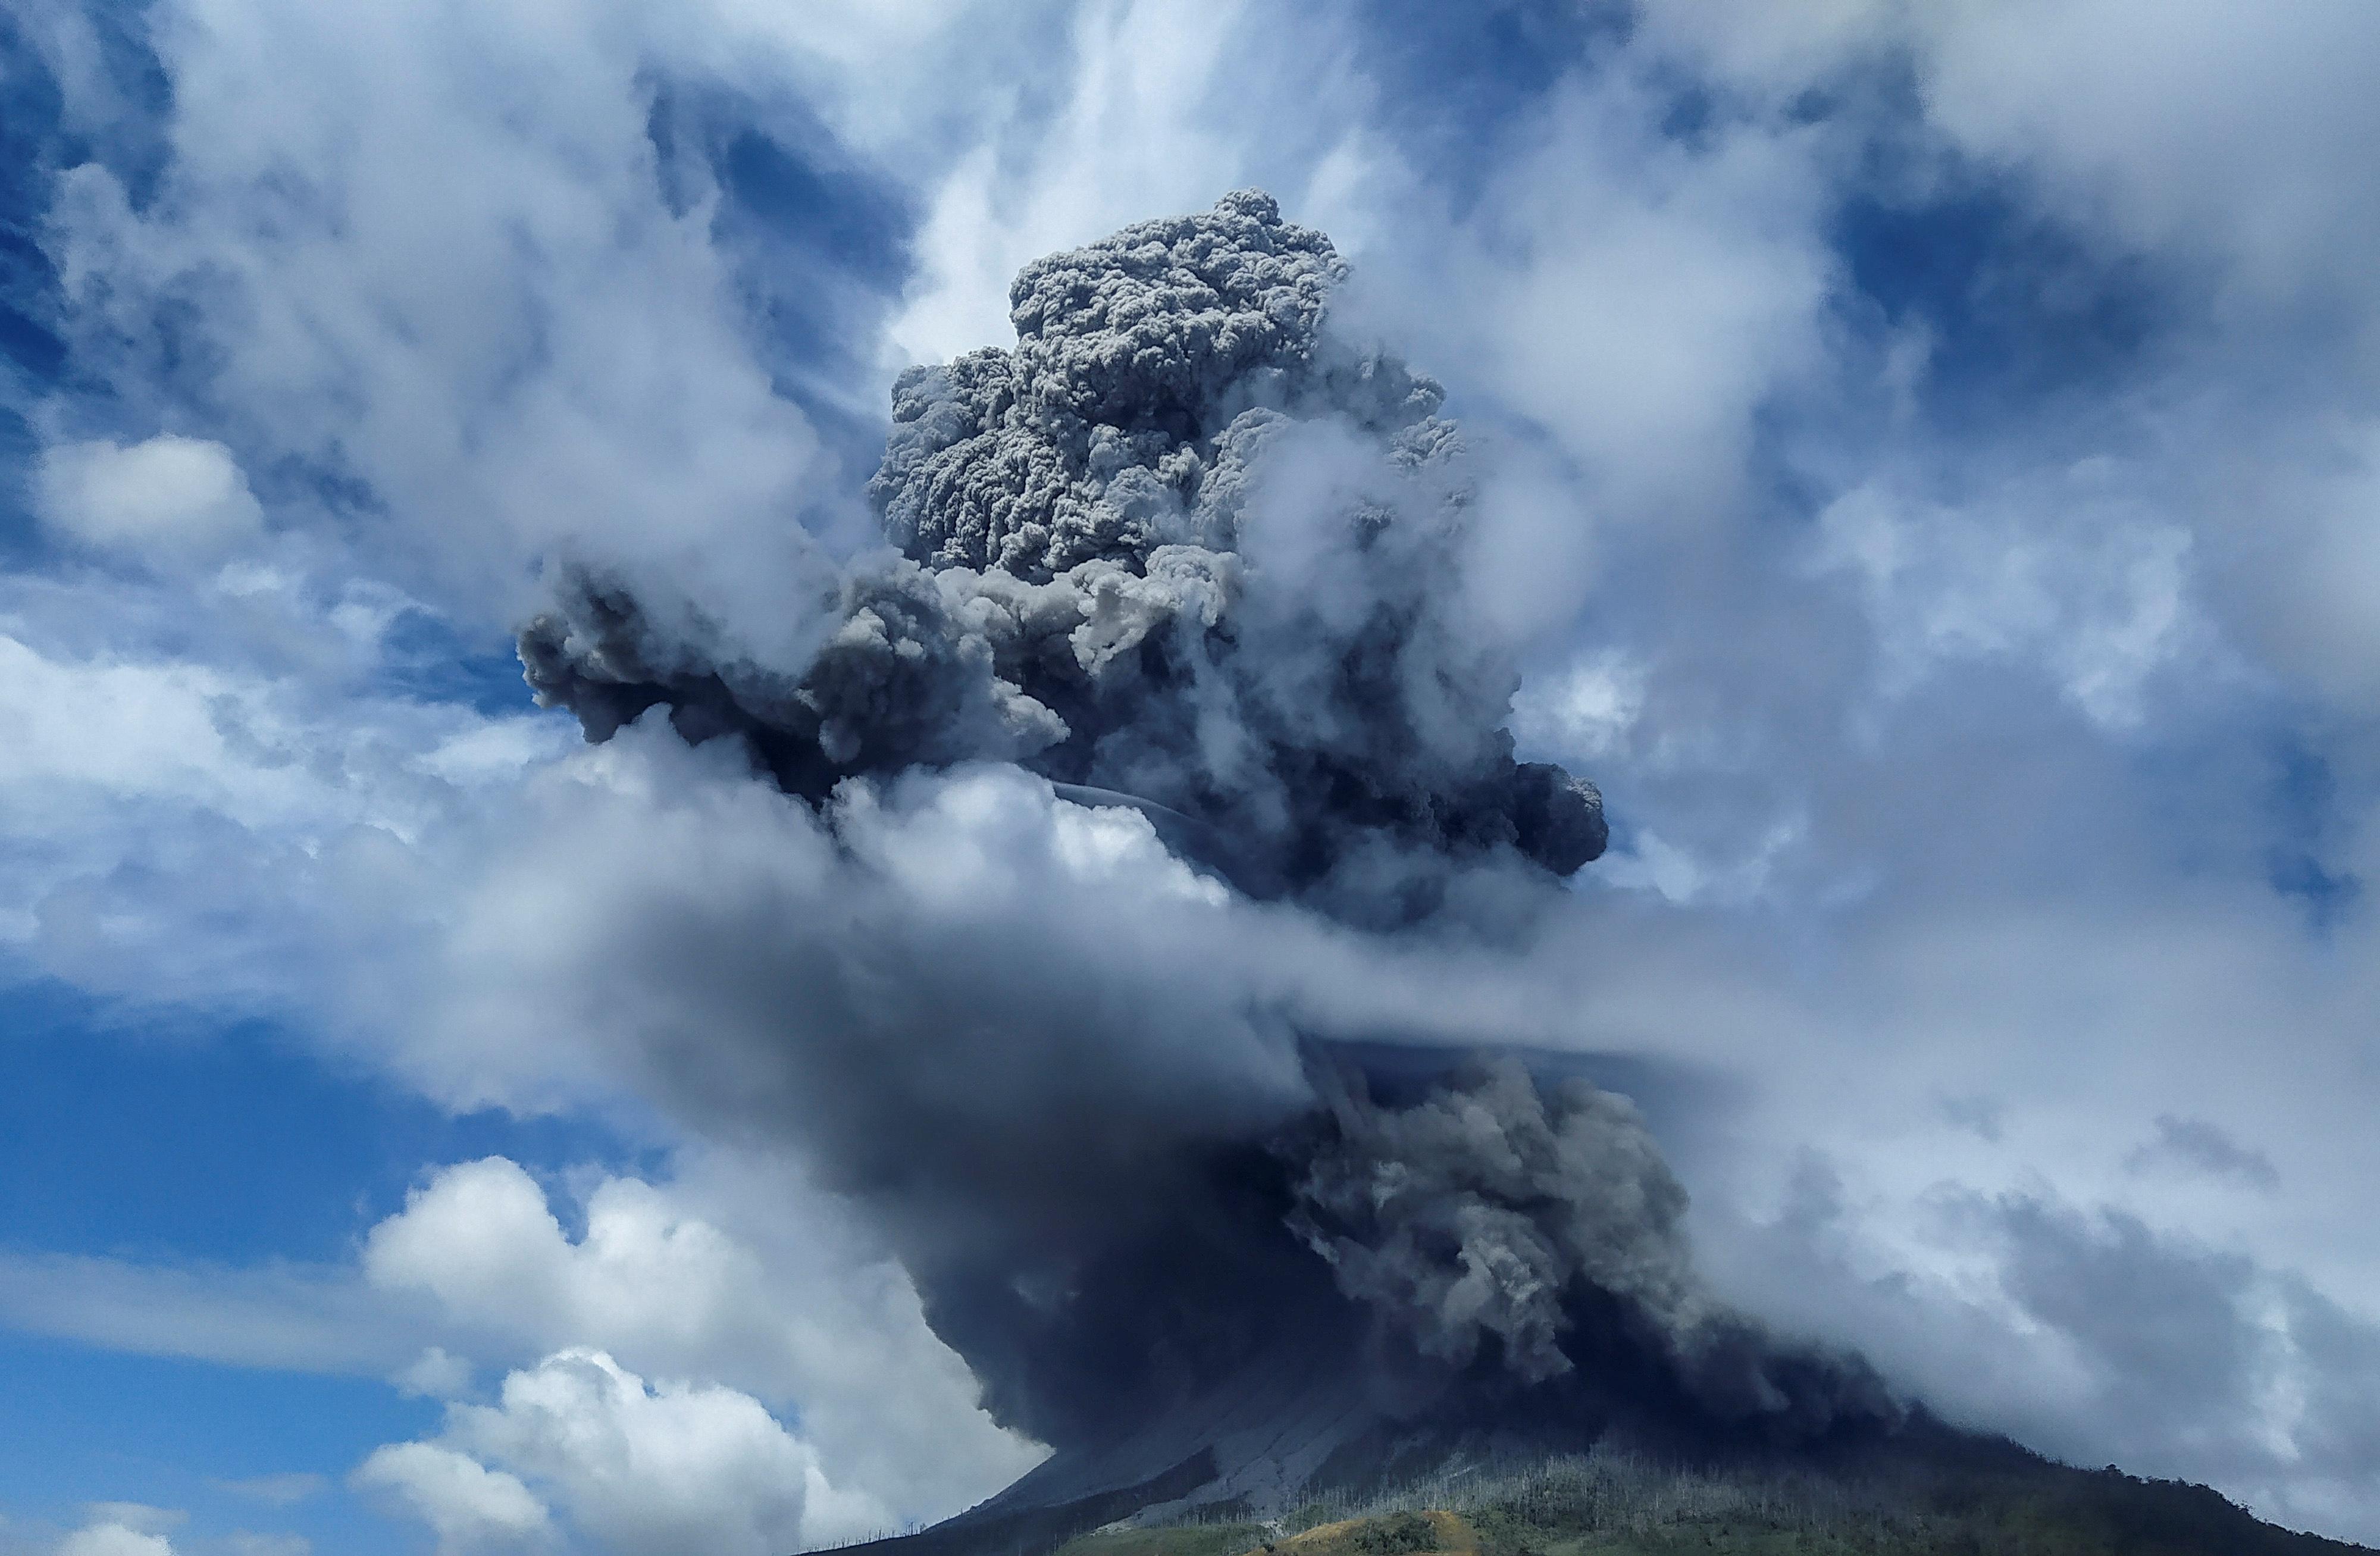 印尼锡纳朋火山周一爆发,向天空喷出高达5000公尺的火山灰柱和浓烟。-路透社-